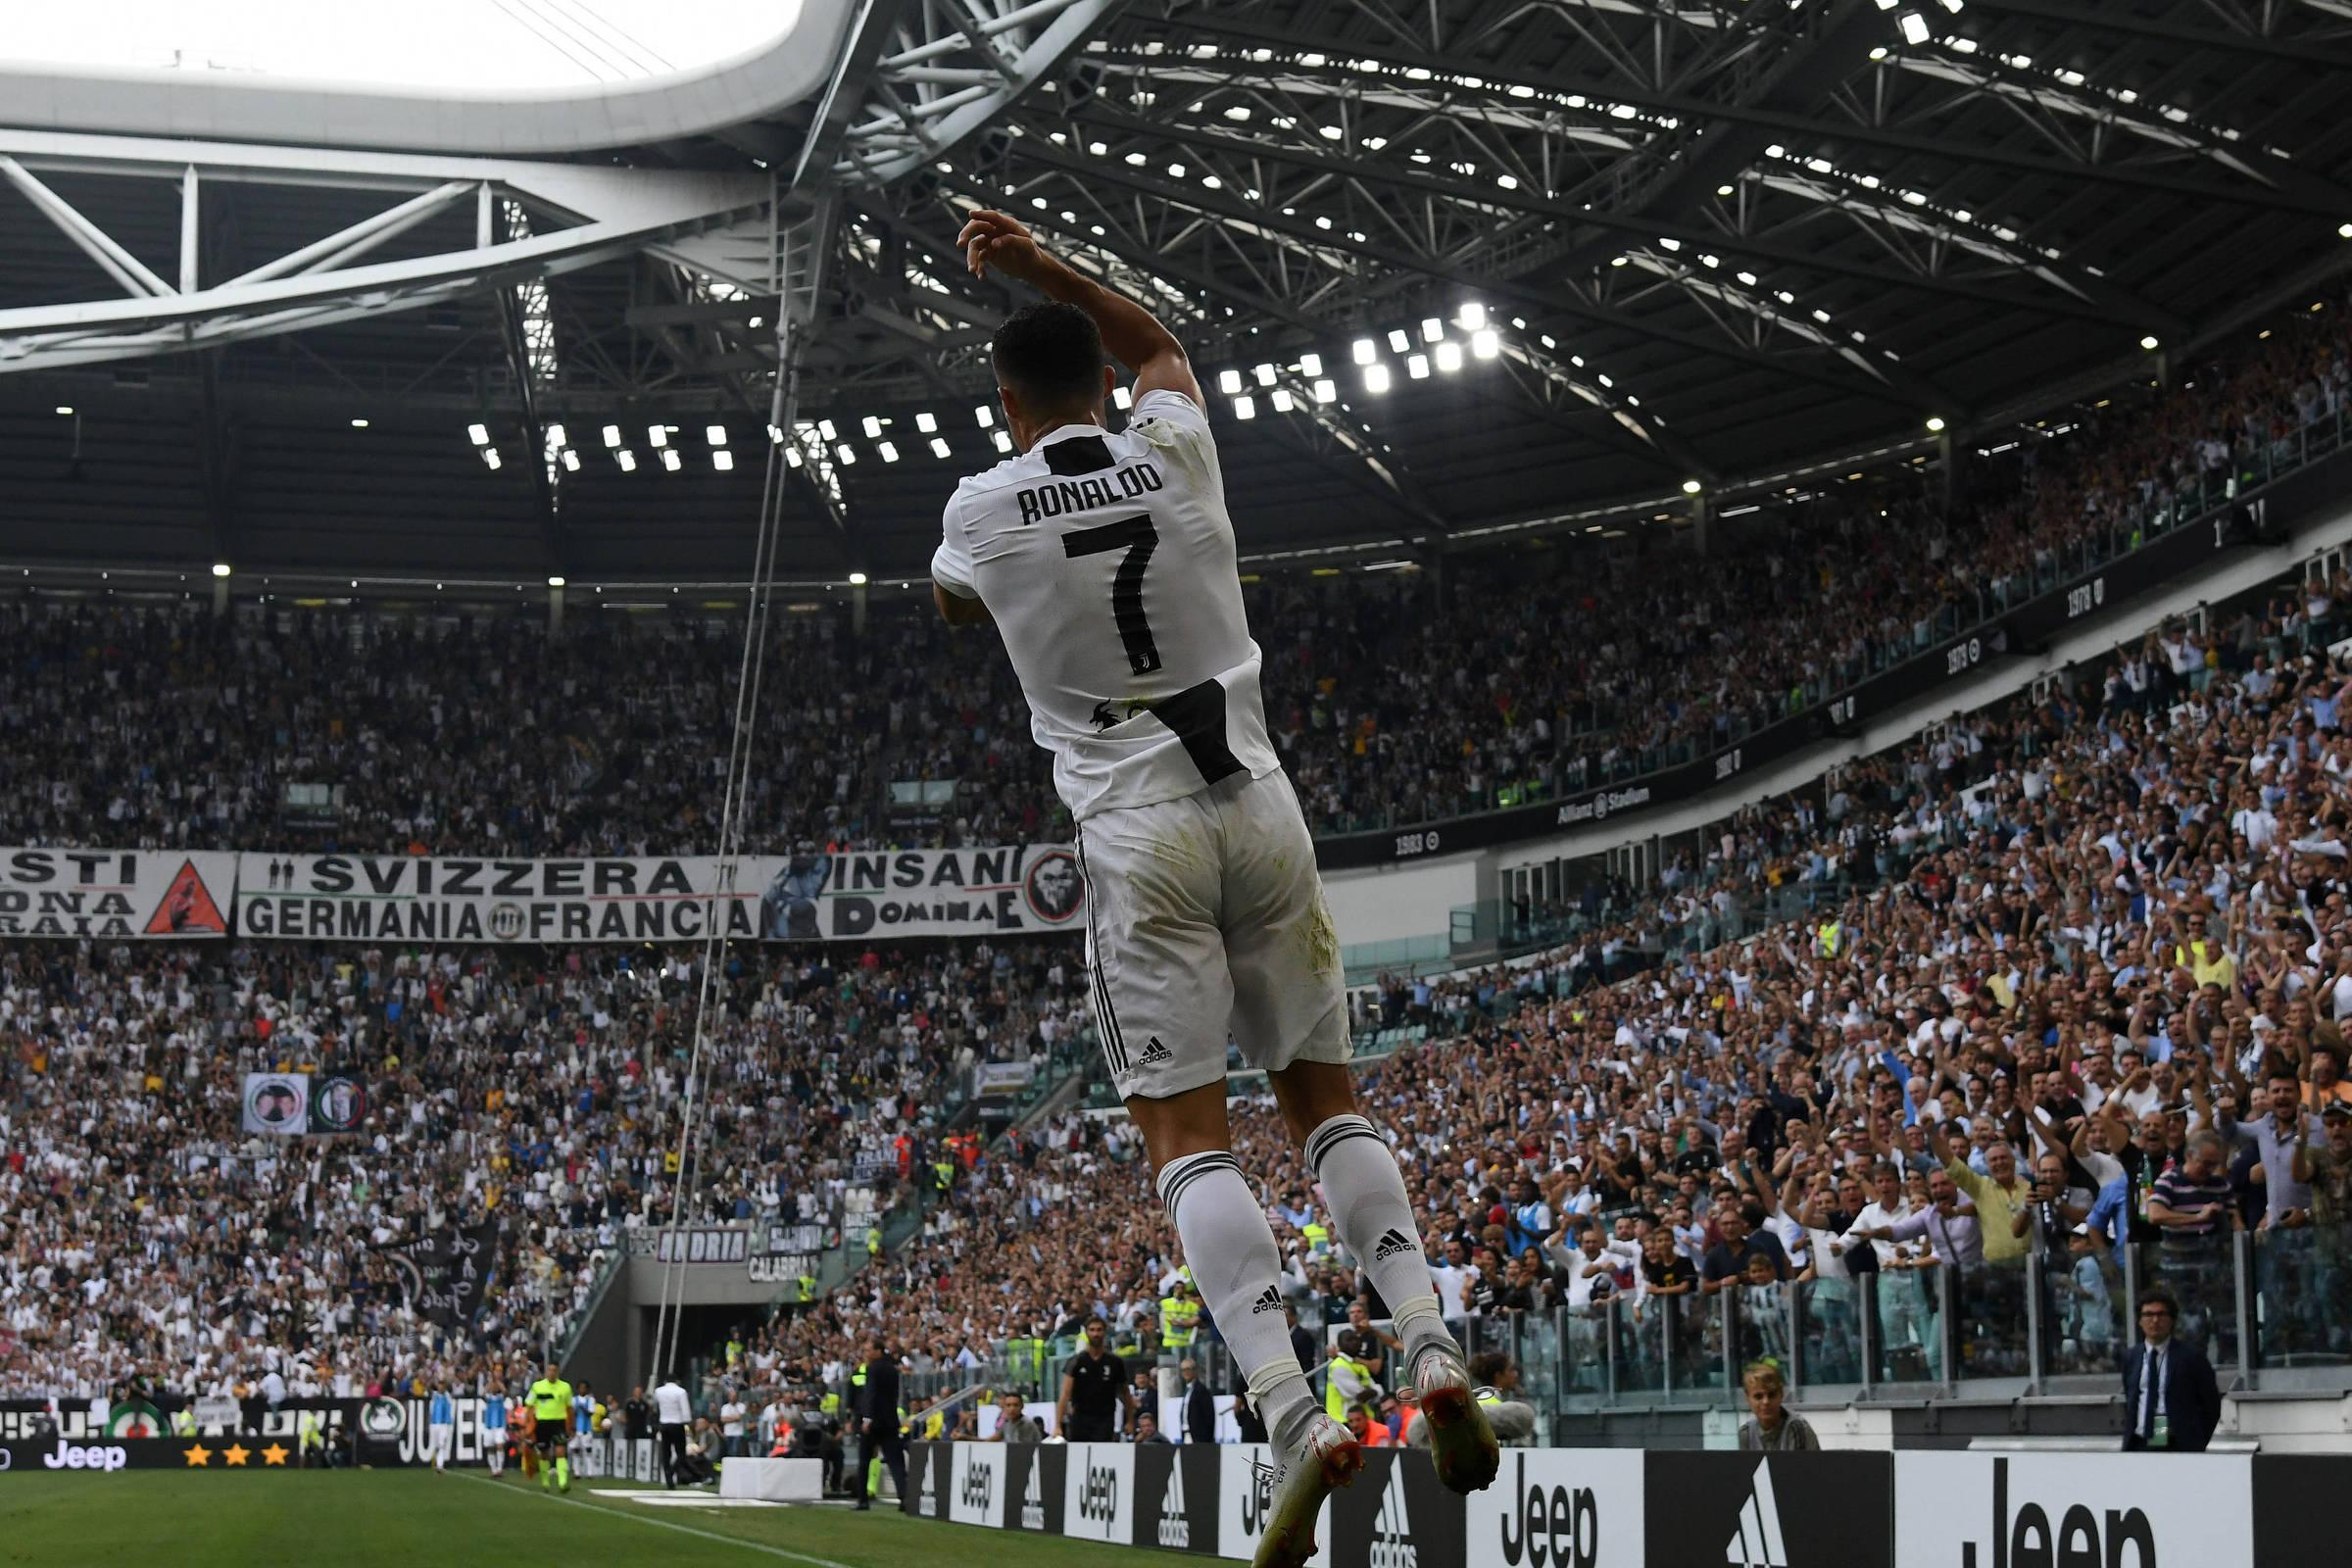 Cristiano Ronaldo e Real estreiam na Champions em caminhos separados -  18 09 2018 - Esporte - Folha ee55ef9bb4865